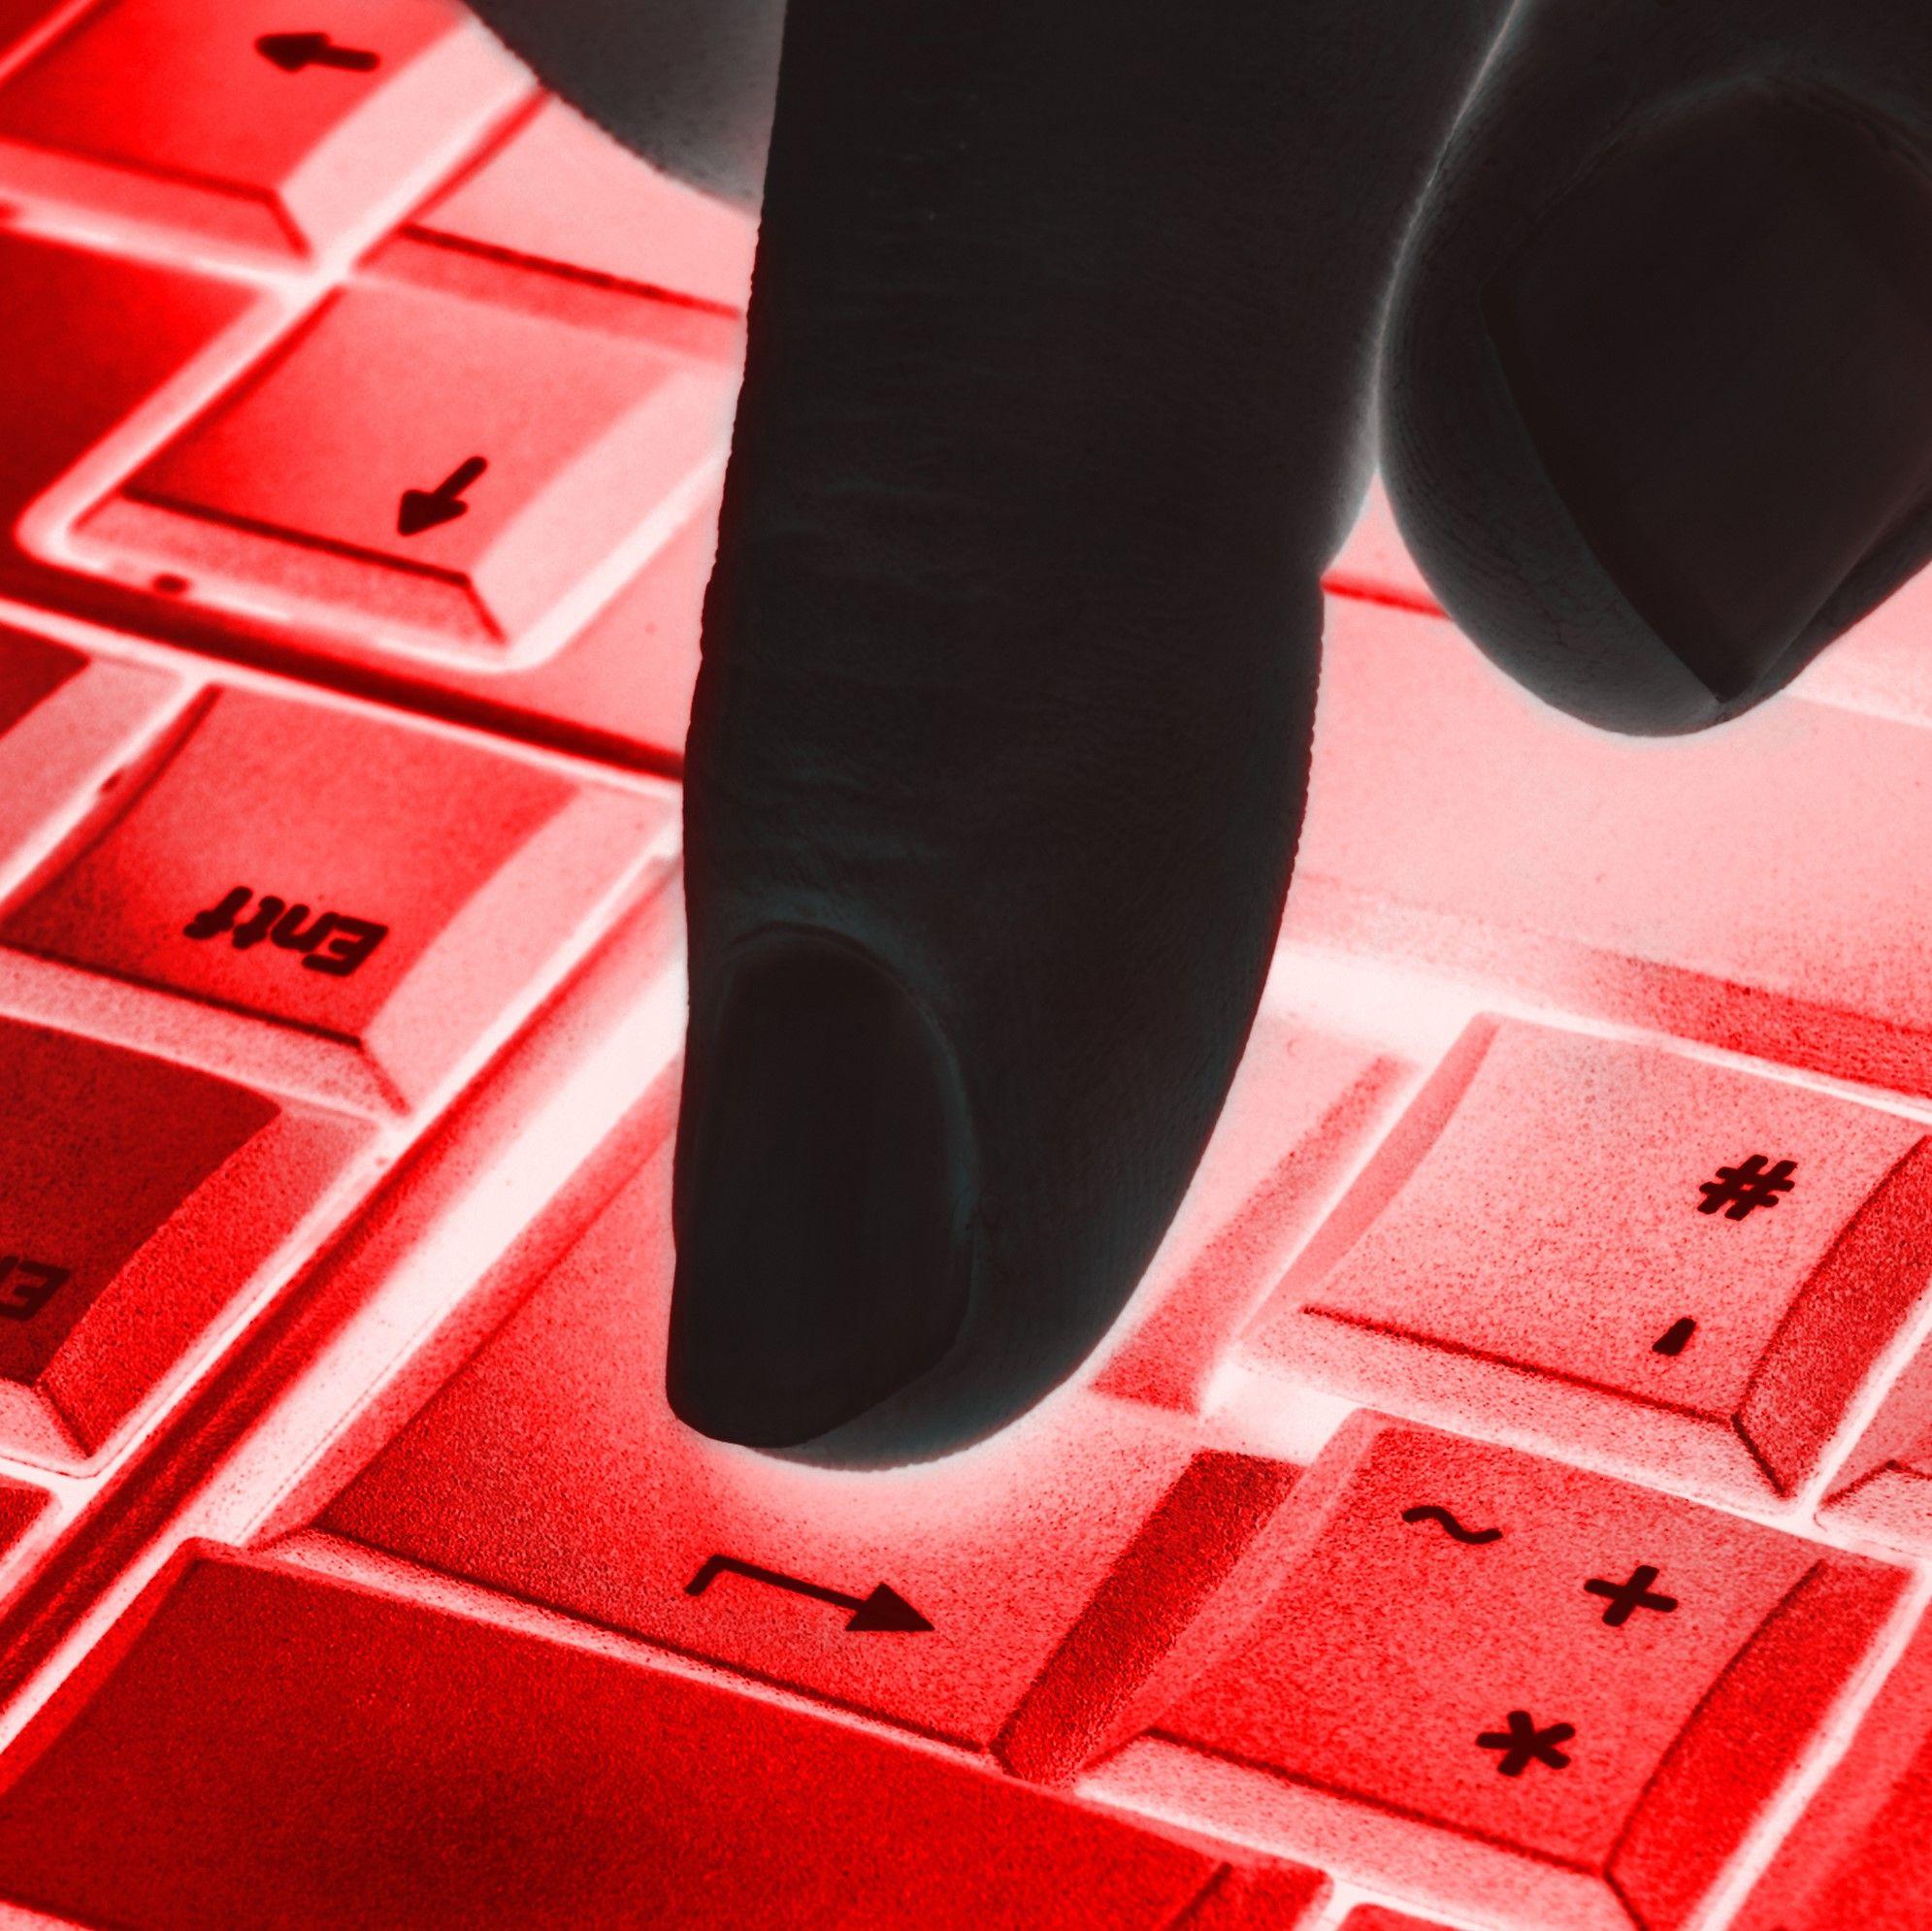 Exclusivo: software expõe dados de quase 350 mil empresas e governos ao redor do mundo